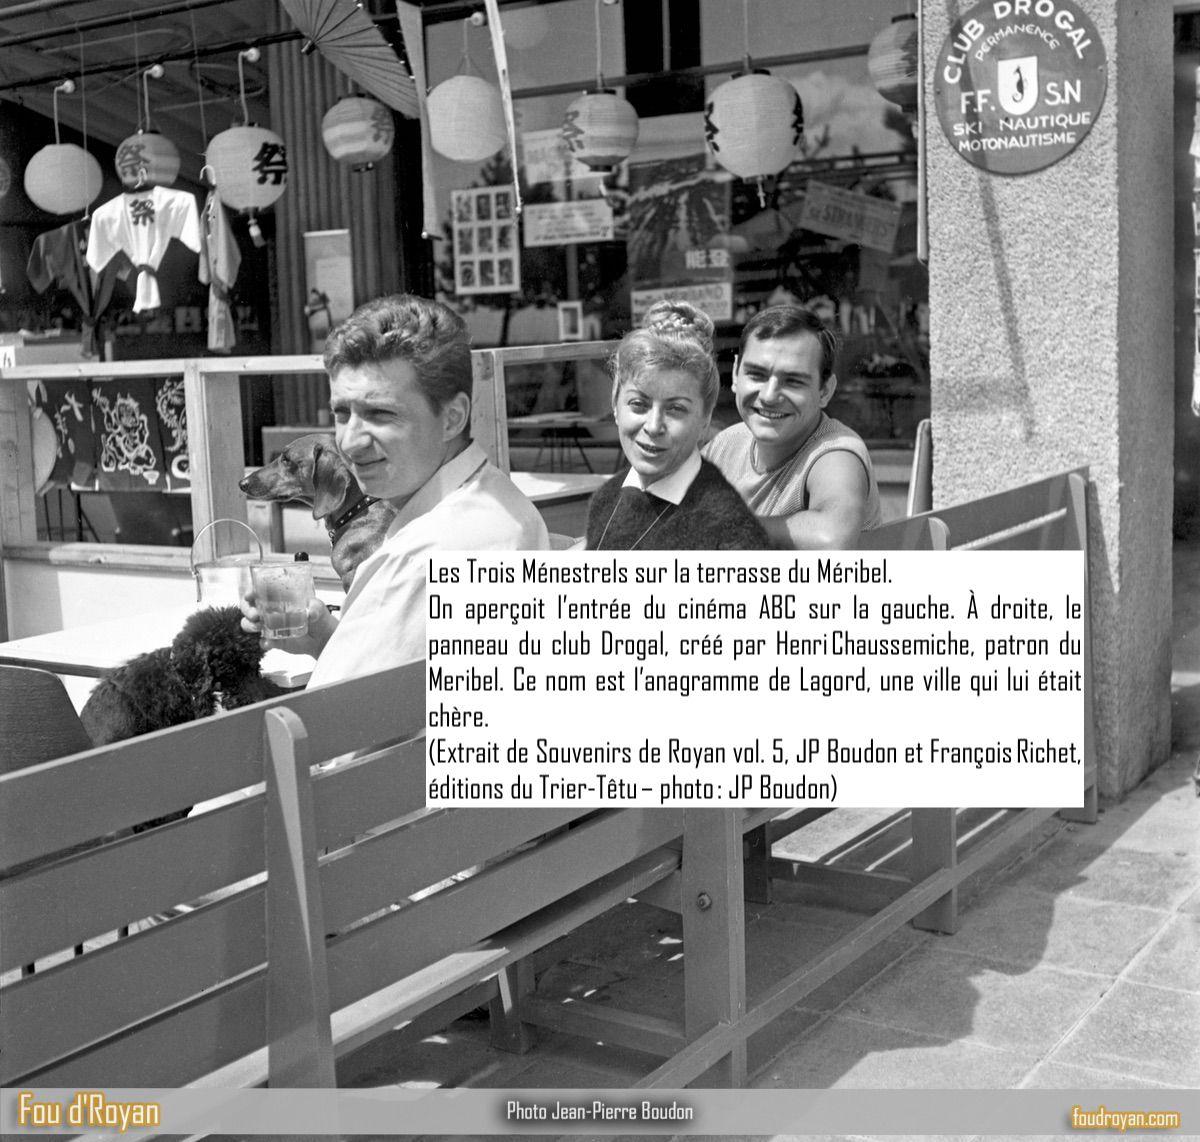 Les Trois Ménestrels sur la terrasse du Méribel de Royan (vue sur le cinéma ABC).